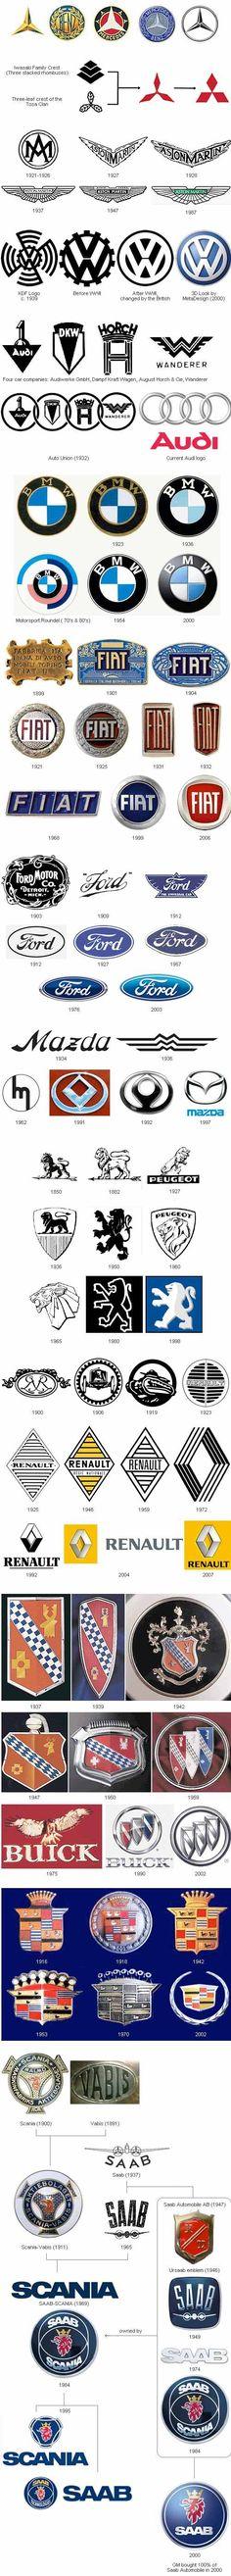 Evolución de #logos de marcas de #coches. http://jrstudioweb.com/diseno-grafico/diseno-de-logotipos/